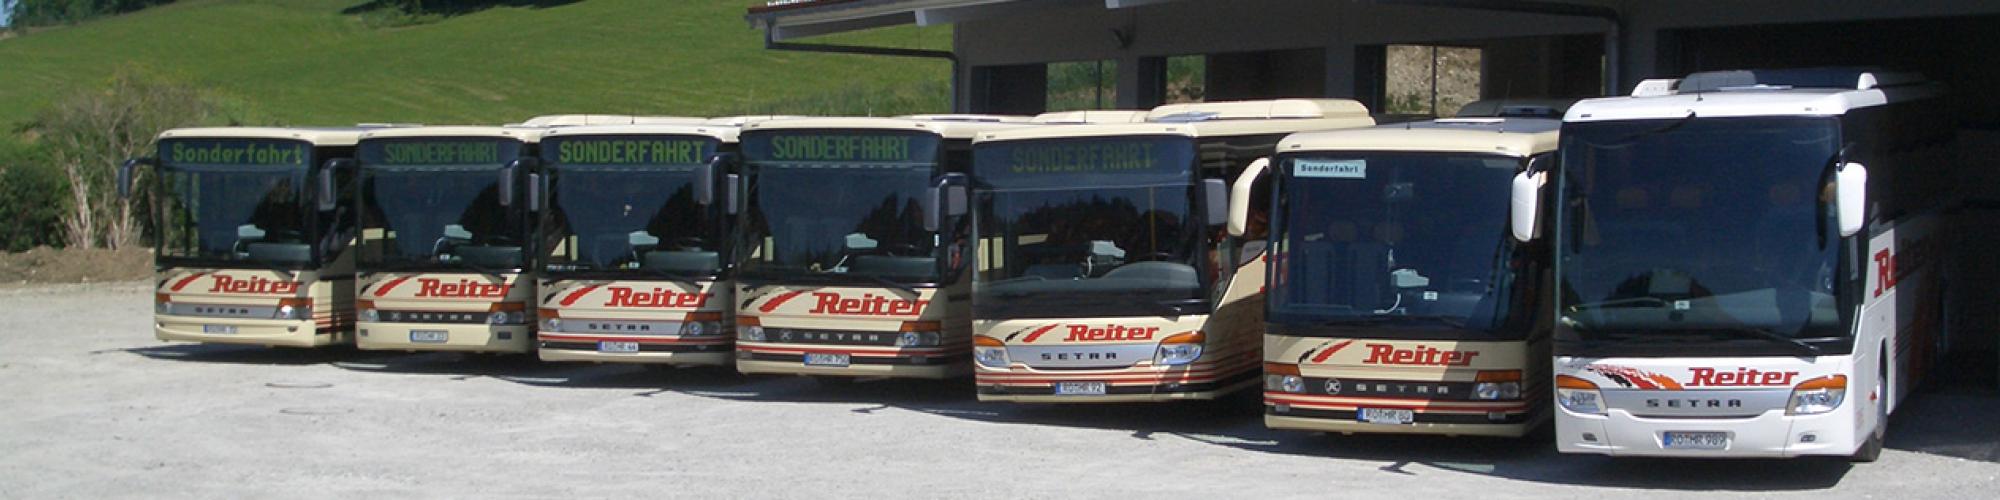 Reiter GmbH